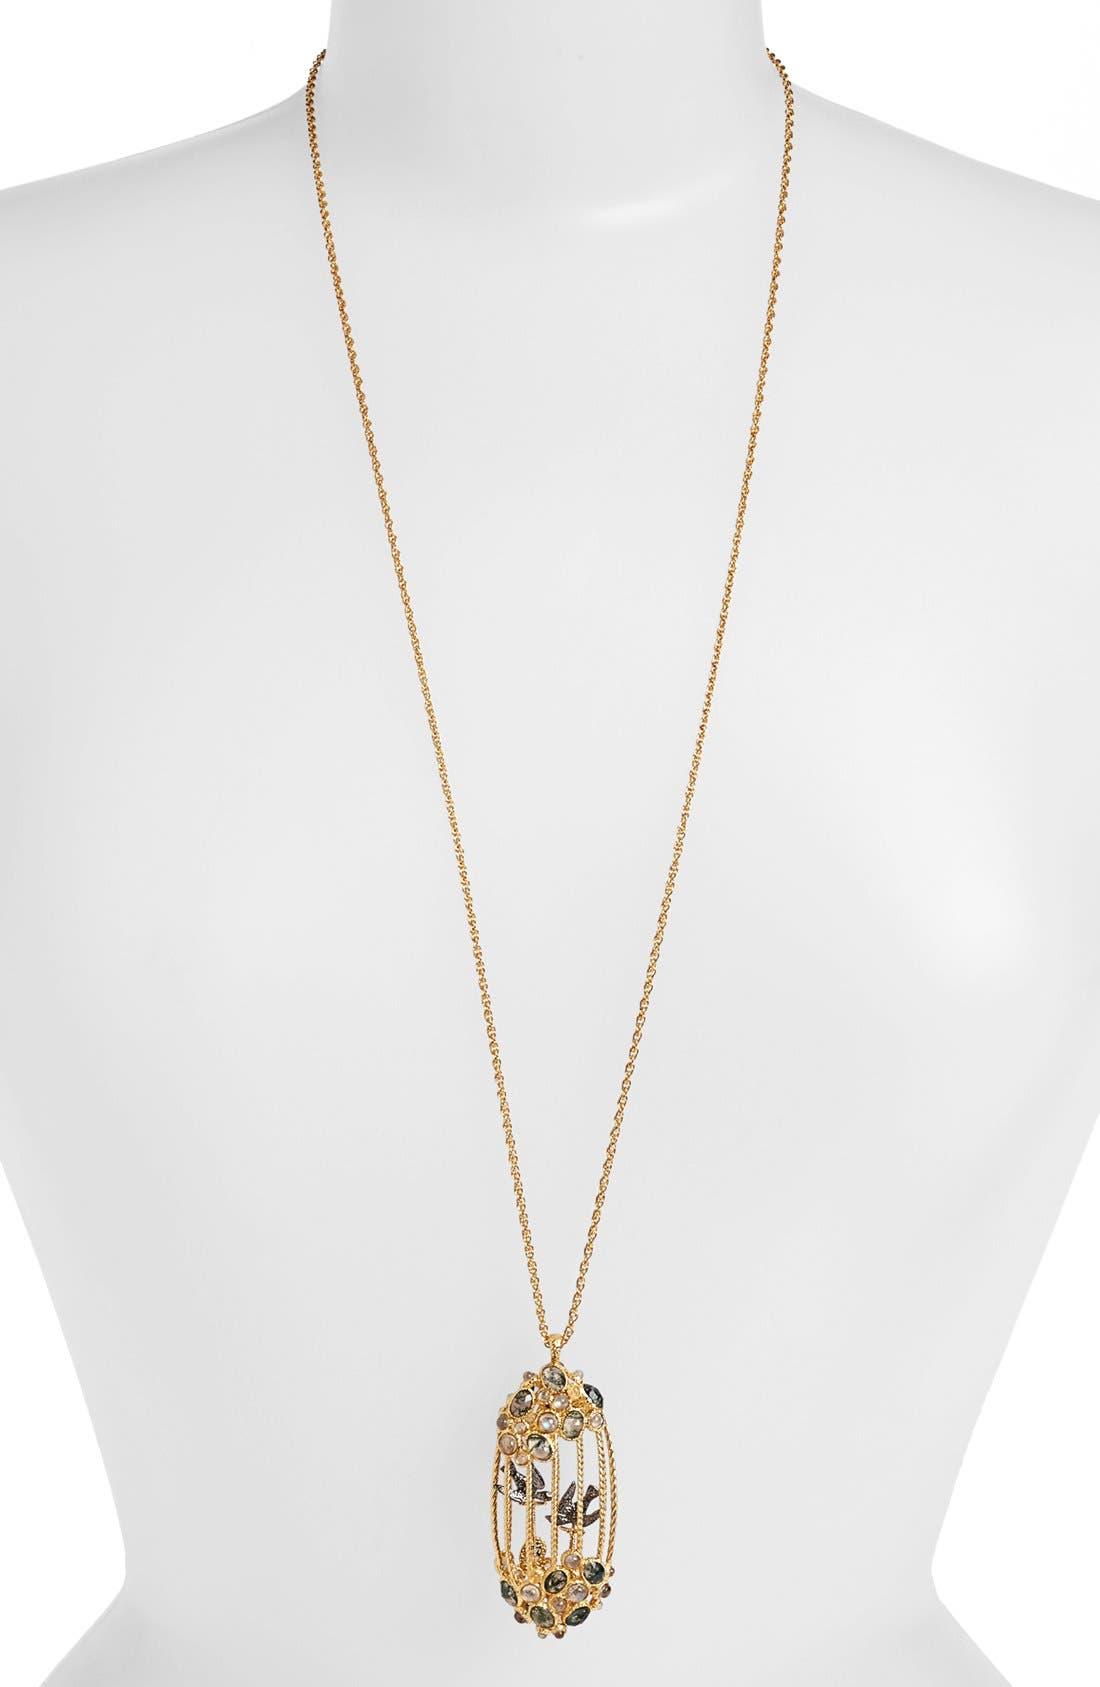 Main Image - Alexis Bittar 'Elements - Jardin de Papillon' Long Pendant Necklace